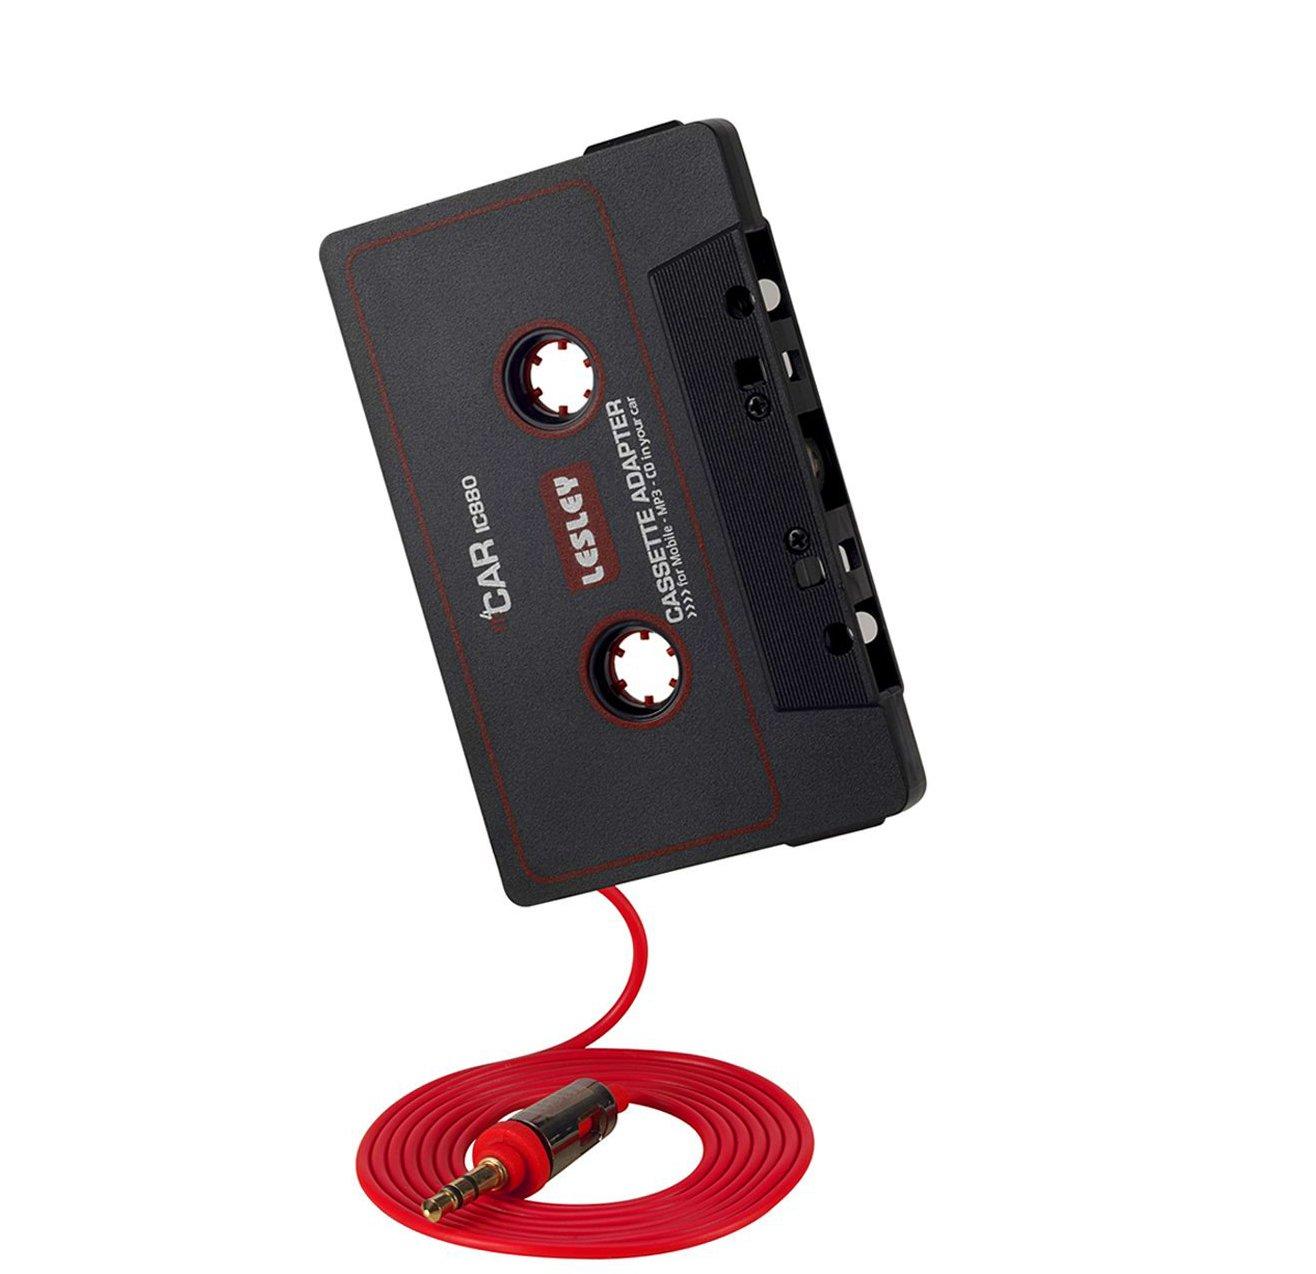 Autoradio Kassetten Adapter Car Tape 3,5 mm AUX Kabel [Stereo - leichtgä ngiges Laufwerk] fü r iPhone, Samsung, Sony, Huawei, iPod, MP3-Player, LG, HTC, Smartphones von PhoneStar Phone Star